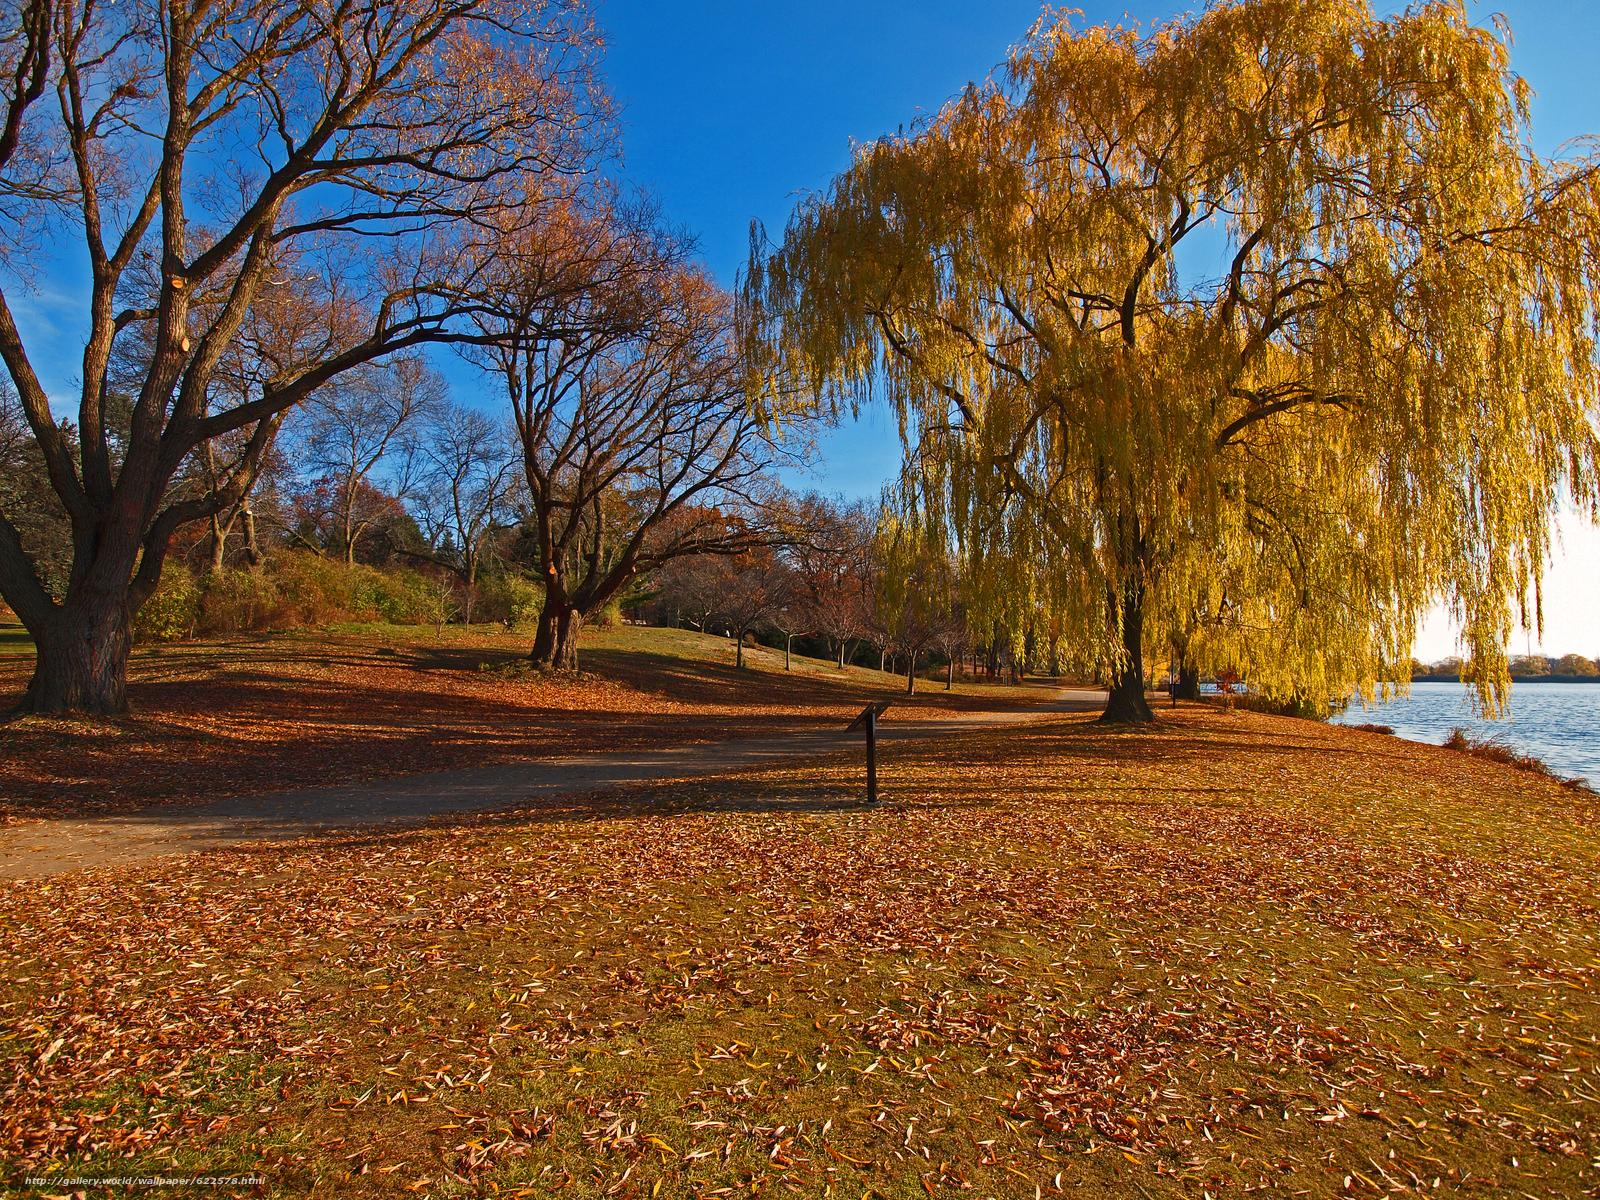 Tlcharger Fond d'ecran parc,  lac,  automne,  arbres Fonds d'ecran gratuits pour votre rsolution du bureau 4032x3024 — image №622578